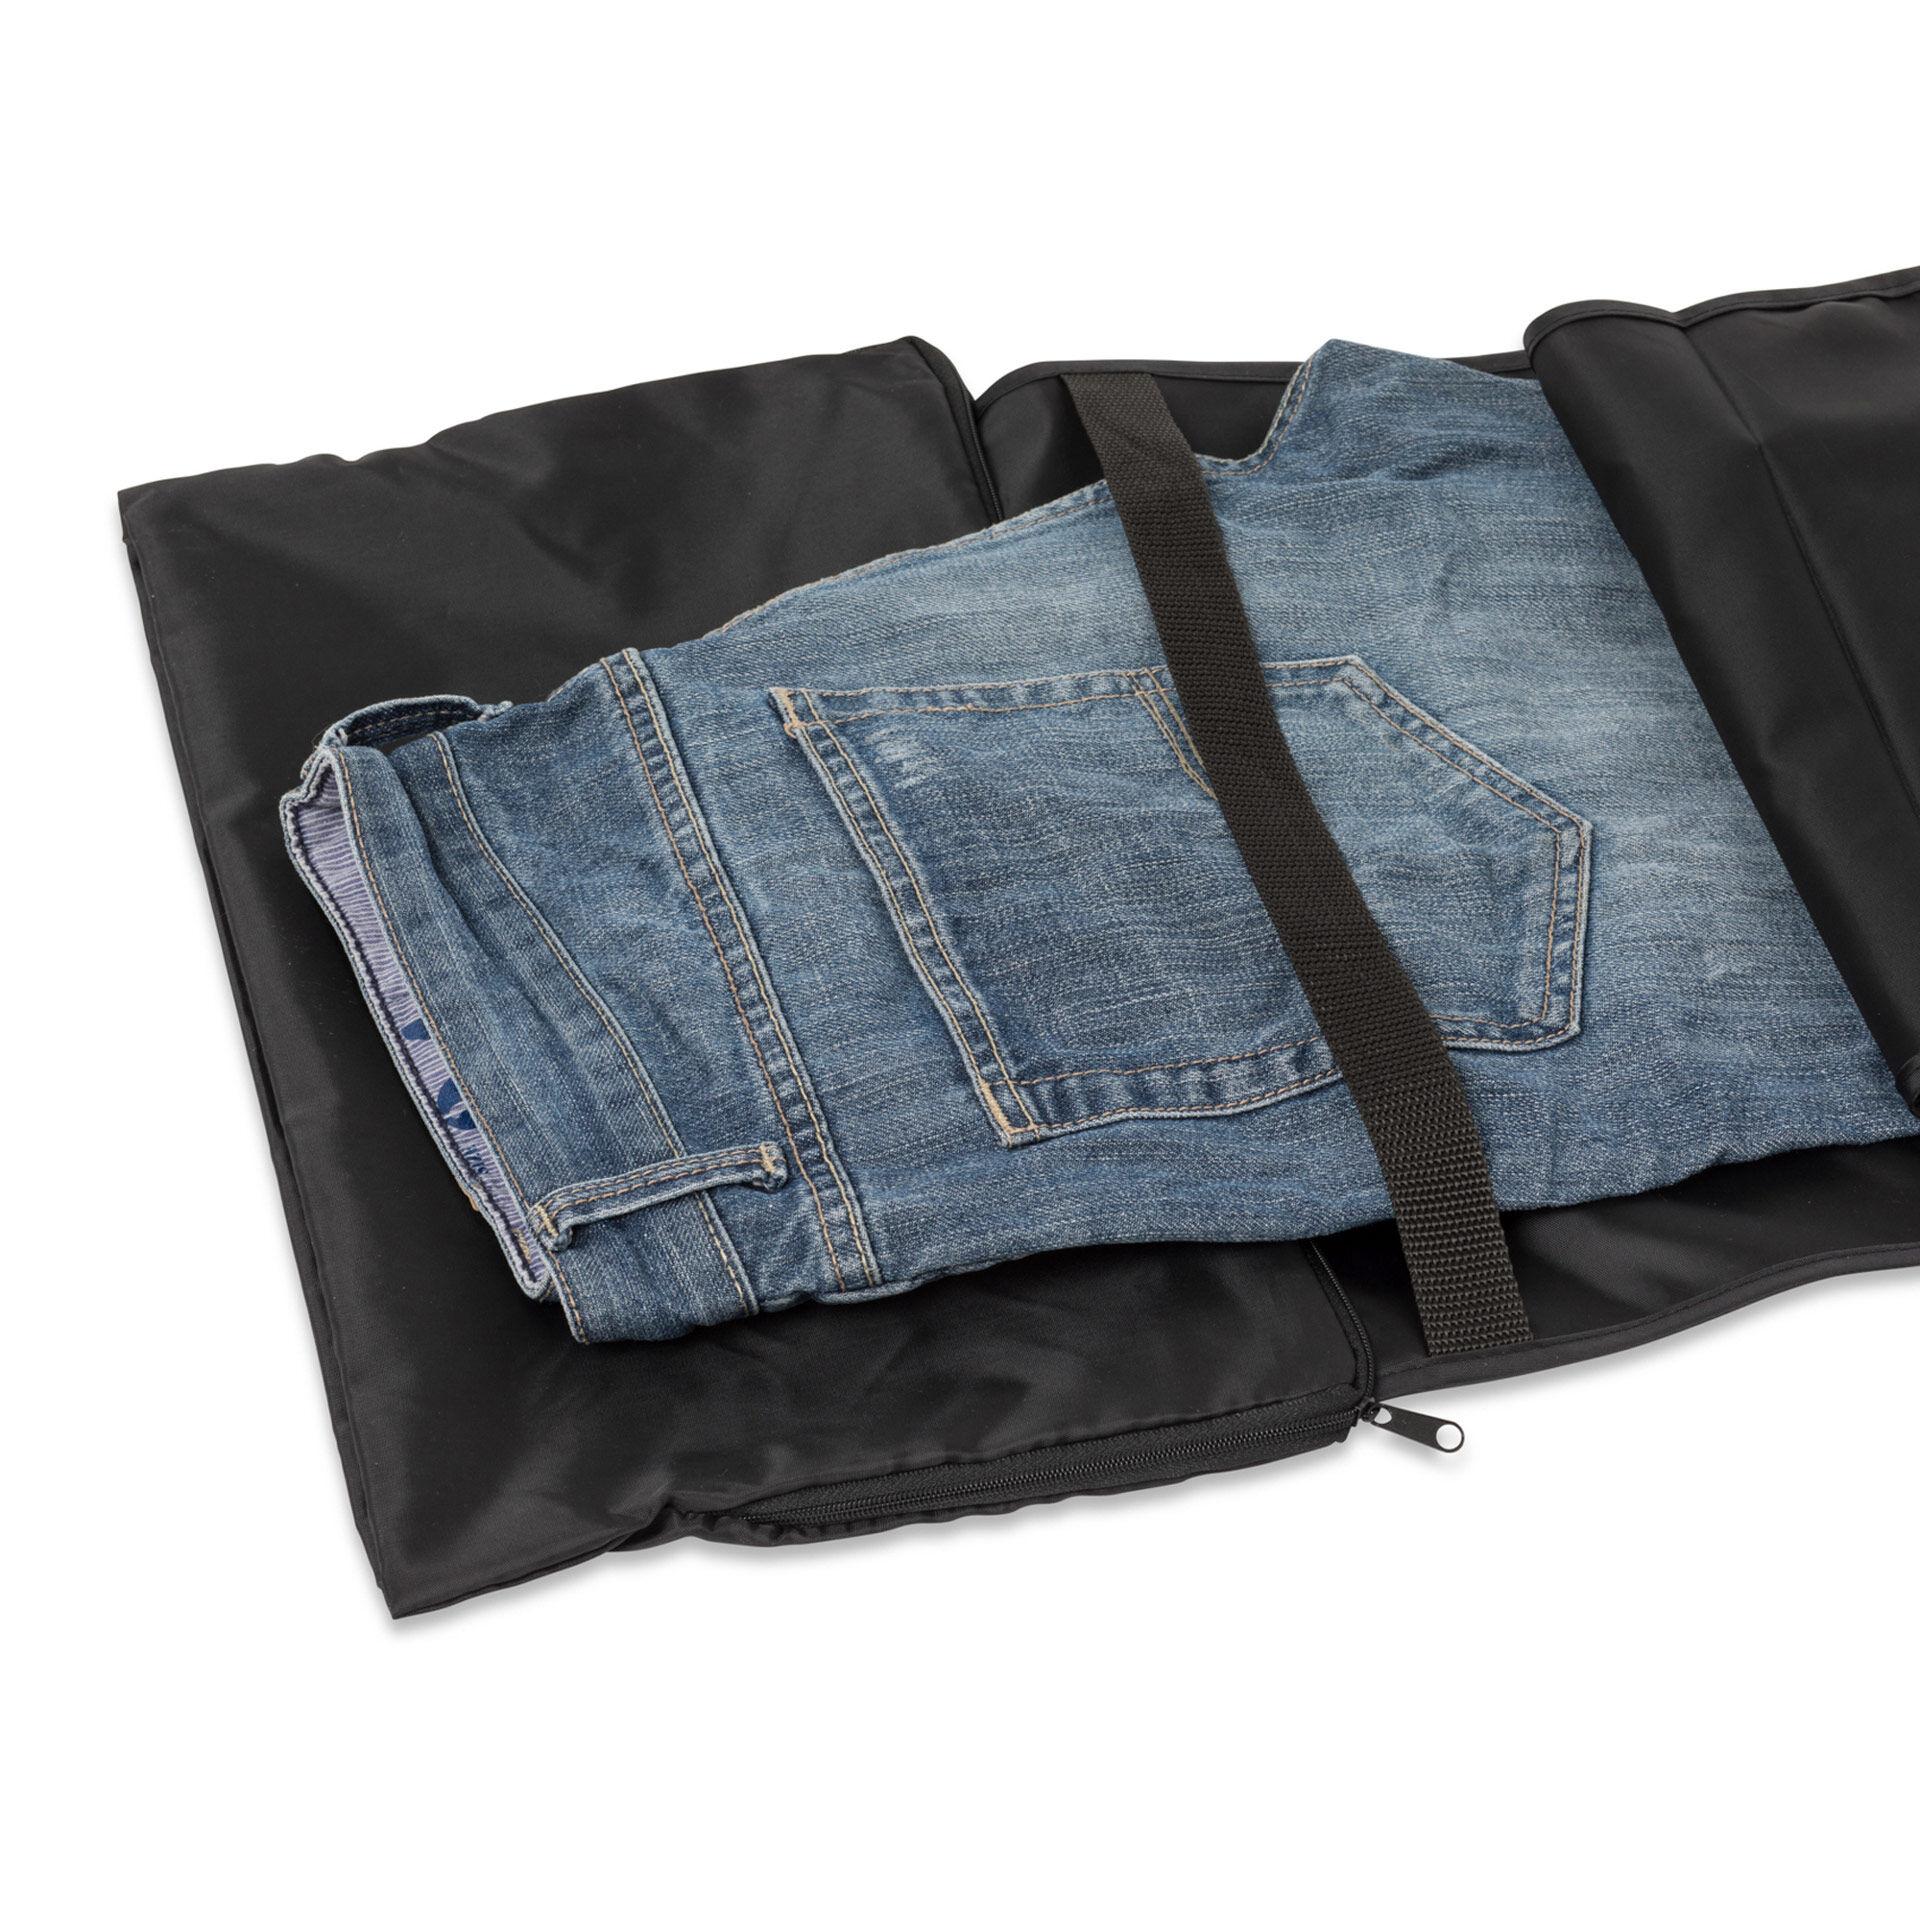 Housse de voyage pour pantalon, , large